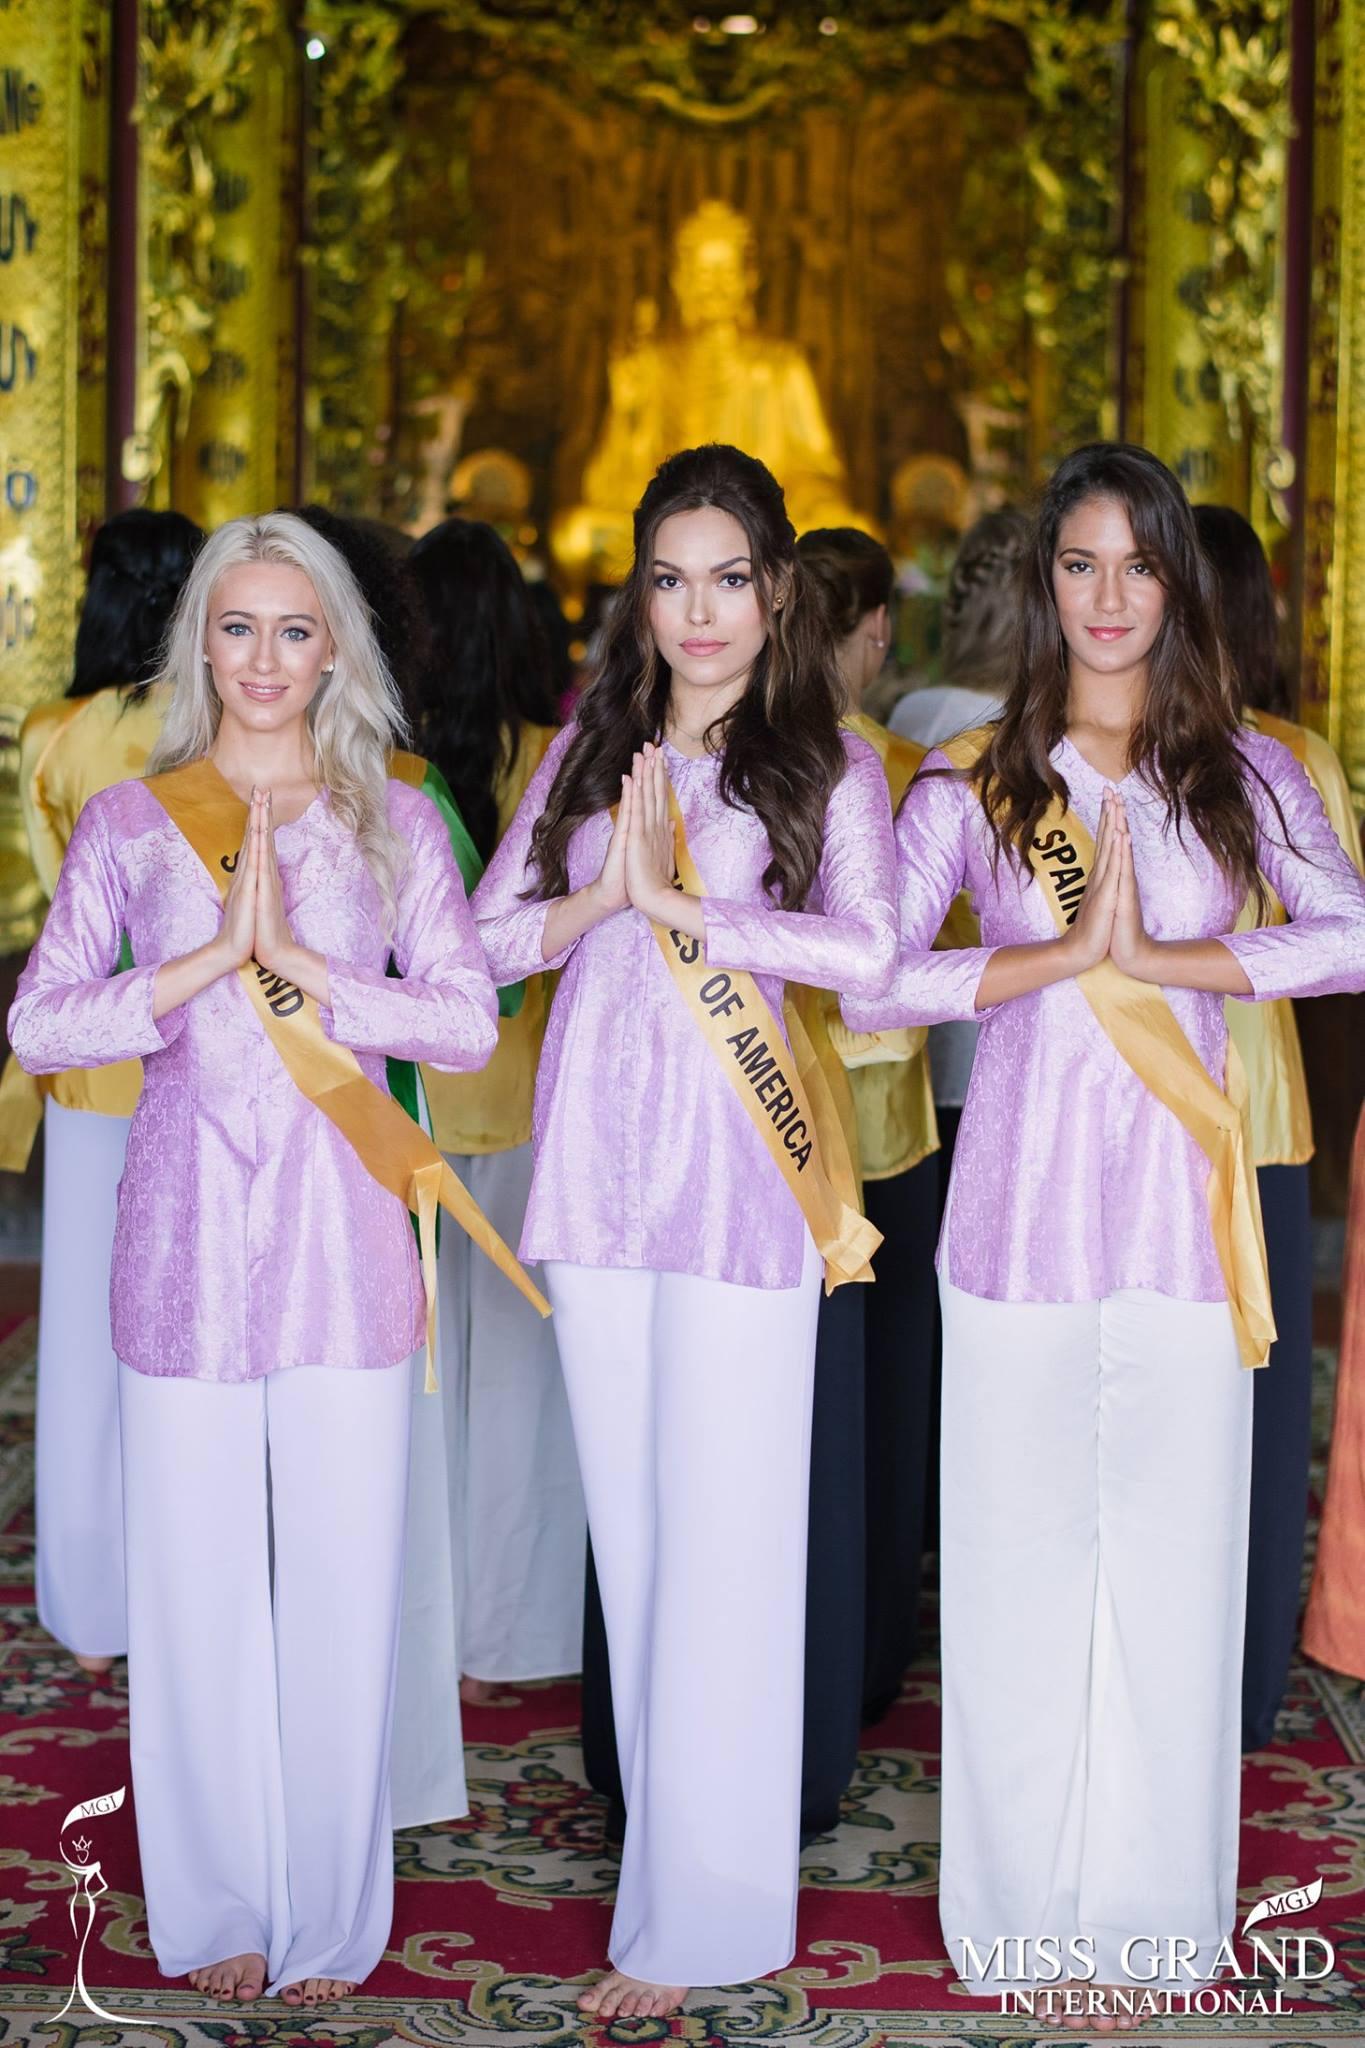 Thí sinh Miss Grand International 2017 duyên dáng trong tà áo bà ba vãn cảnh chùa - Ảnh 3.